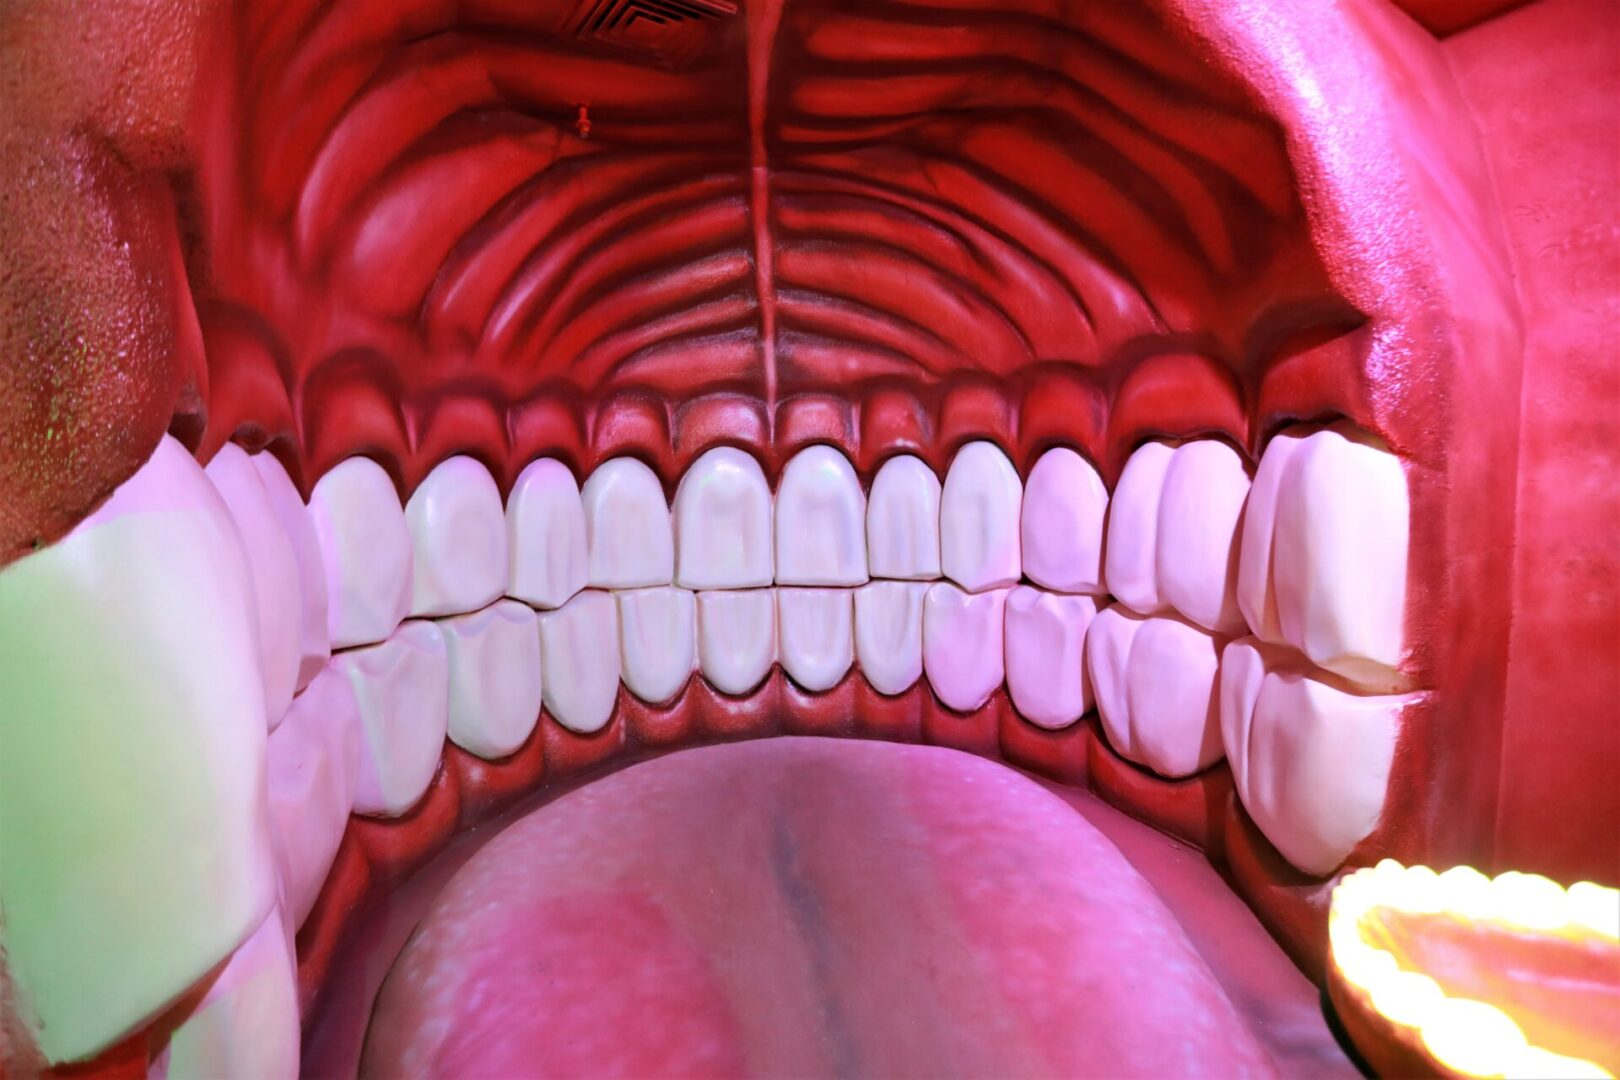 Художественное оформление аттракциона «Внутри человека» в парке развлечений «Galaxy» зубы